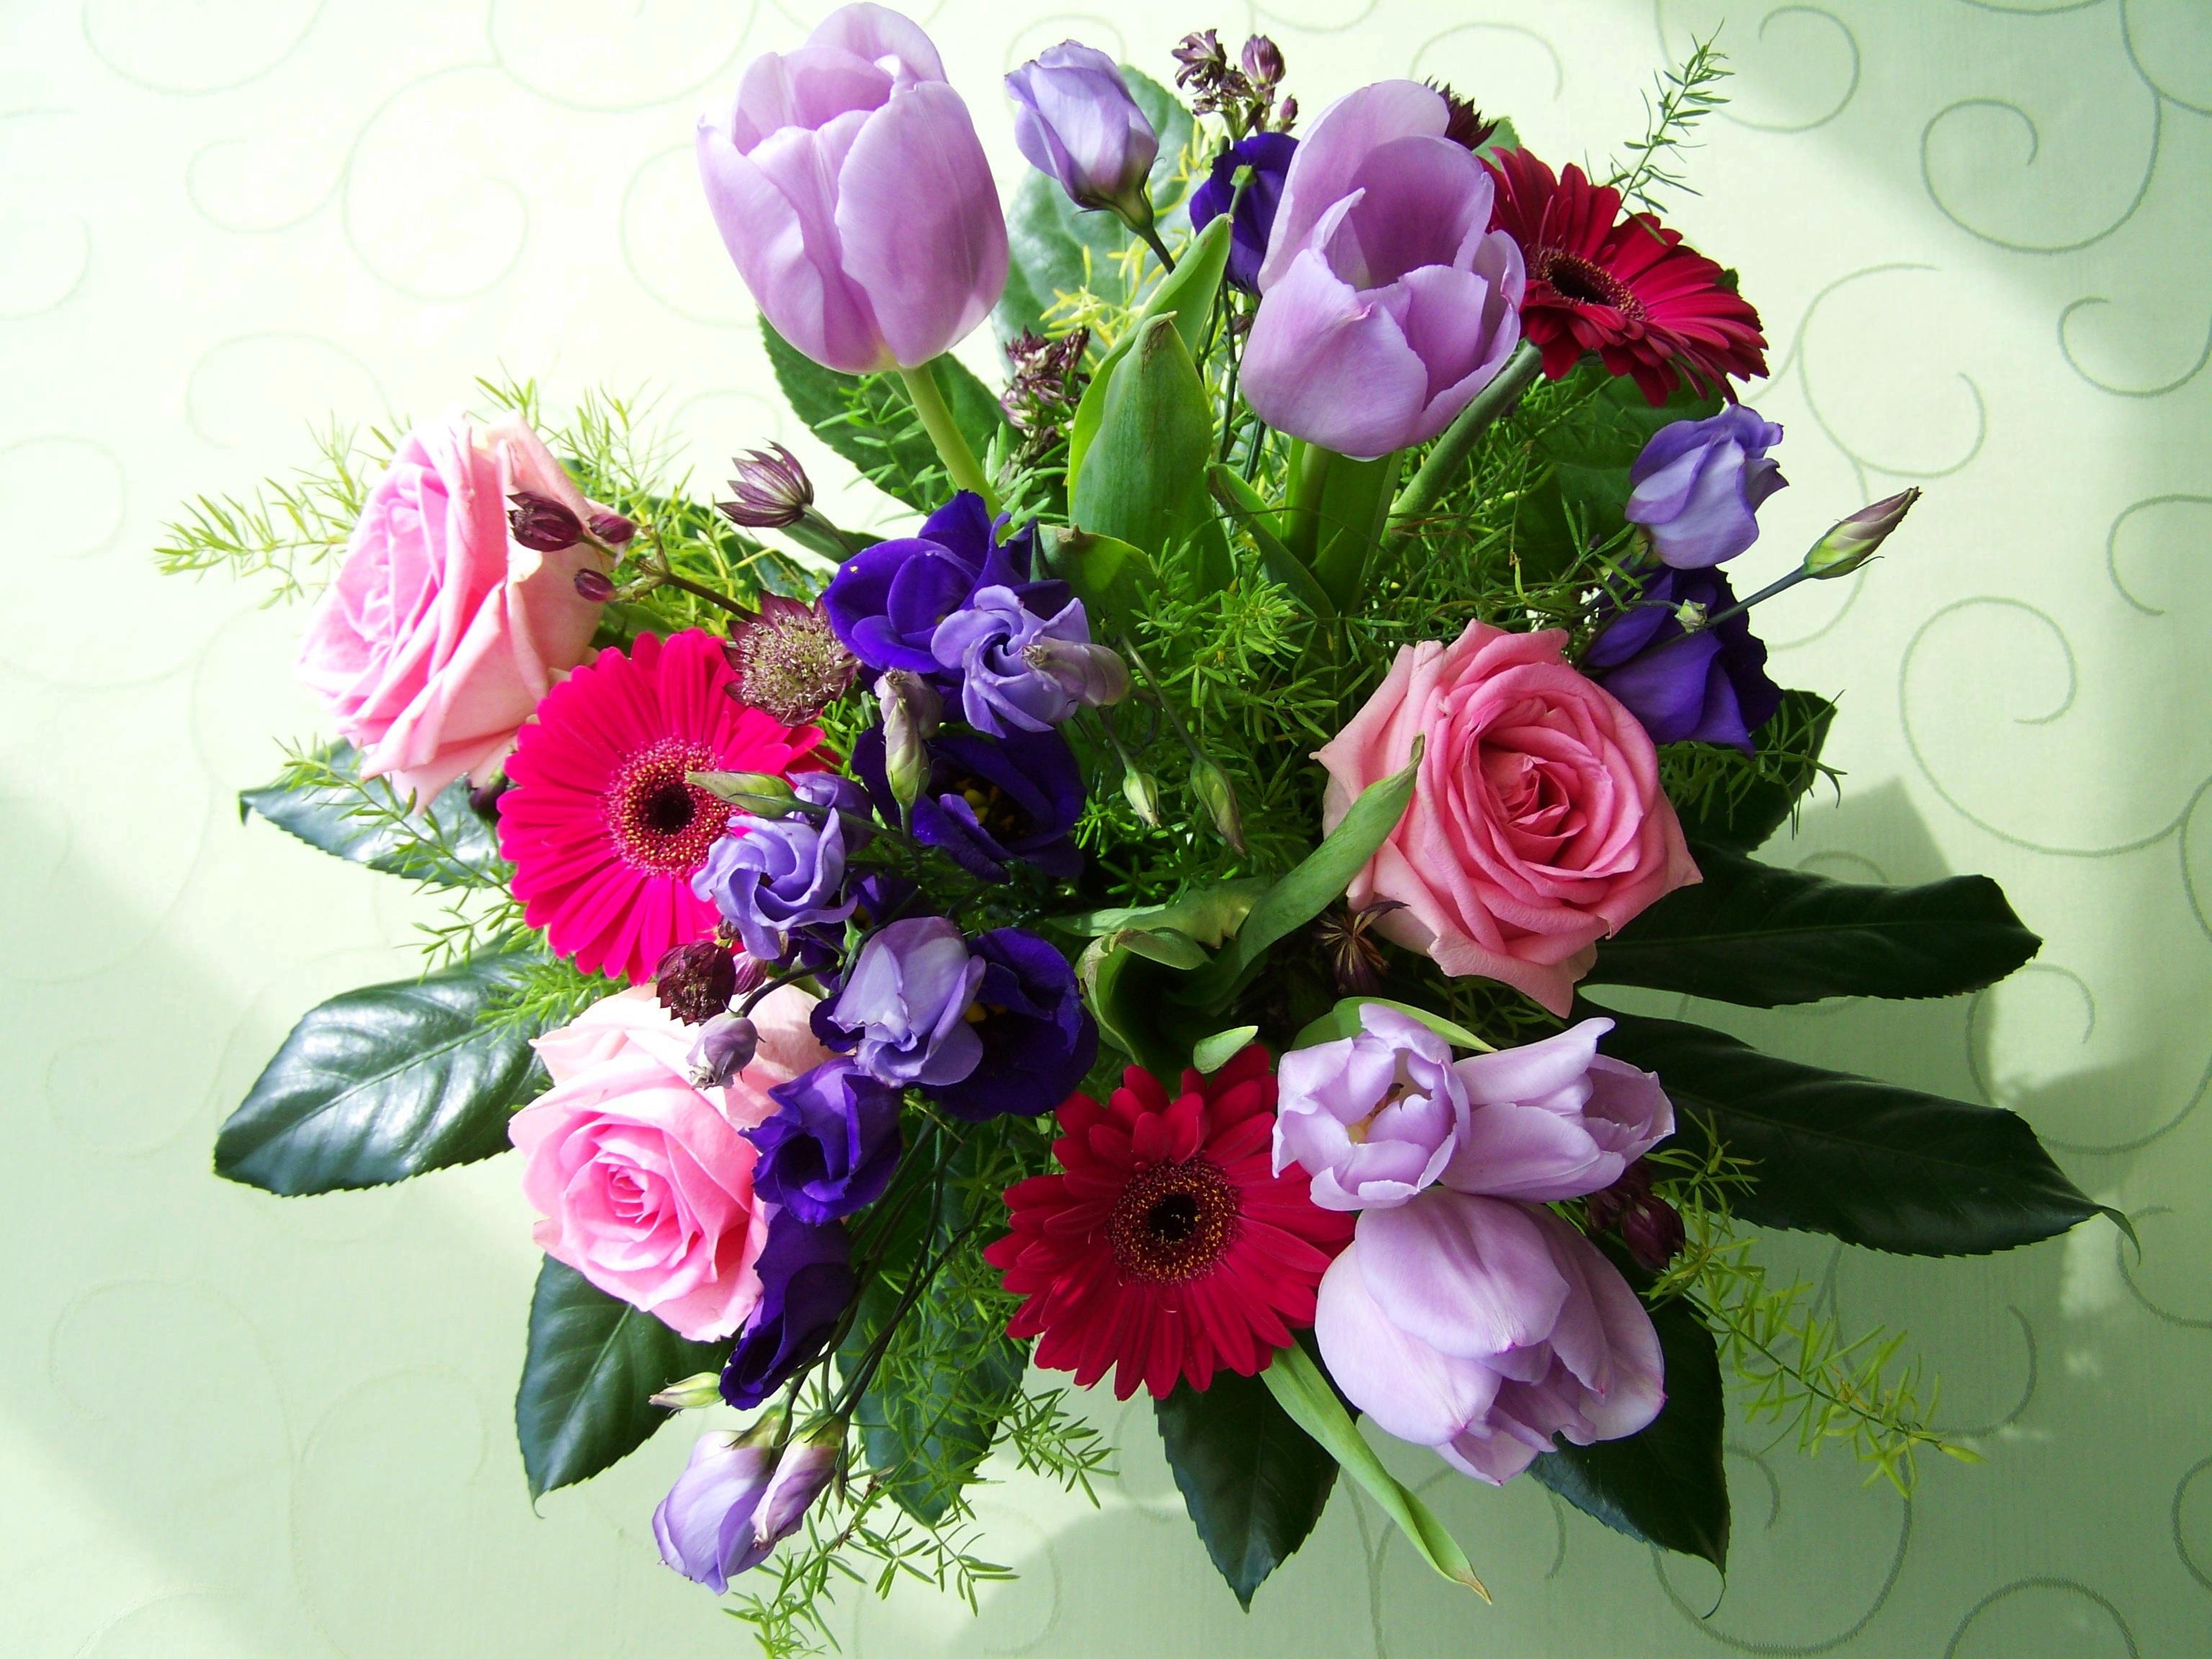 Fotos Gratis Pétalo Color Rosado Flora Flor De Corte